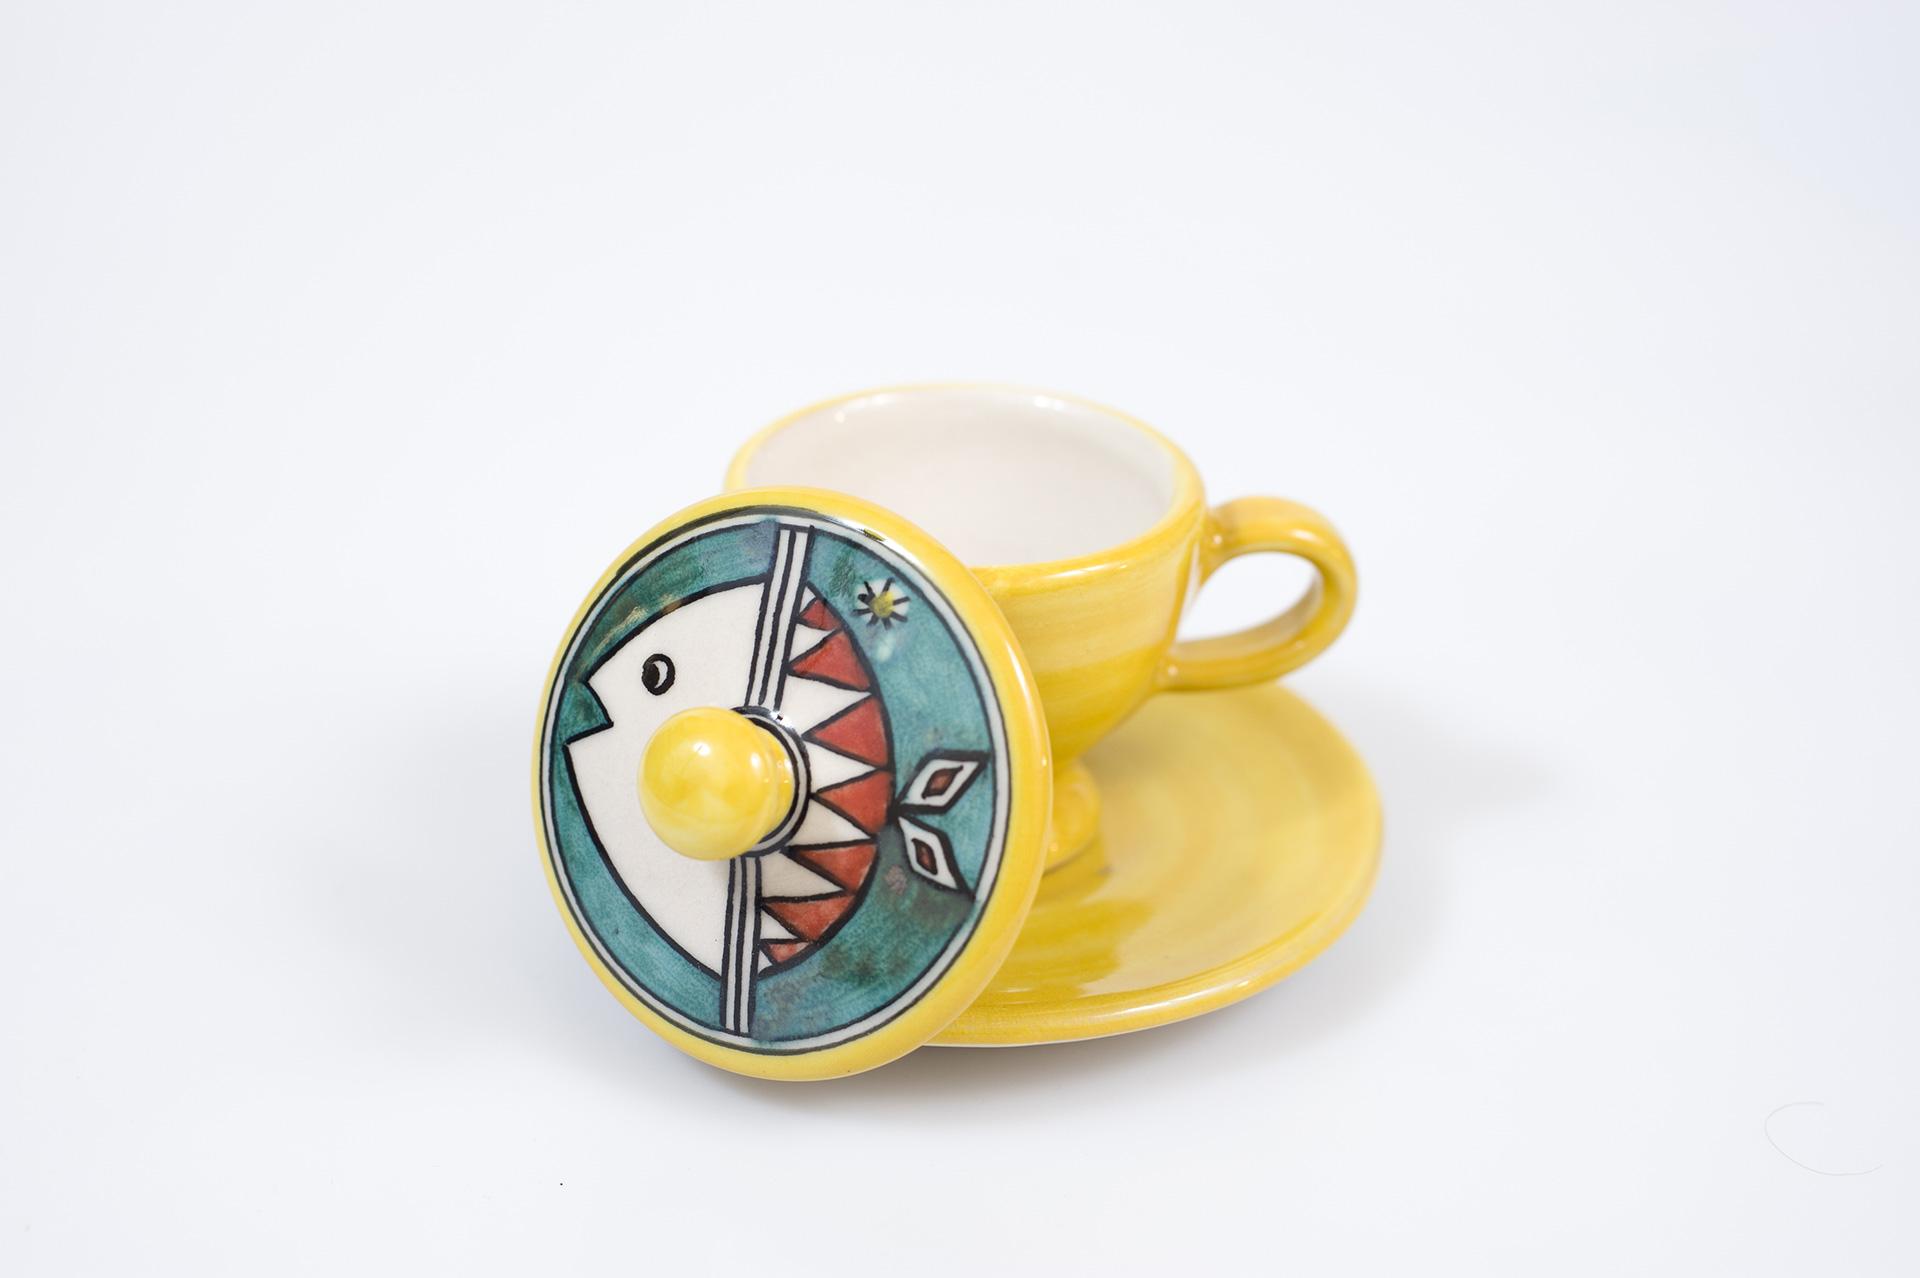 Coffee Cup by Pasquale Liguori - Ristorante La Caravella